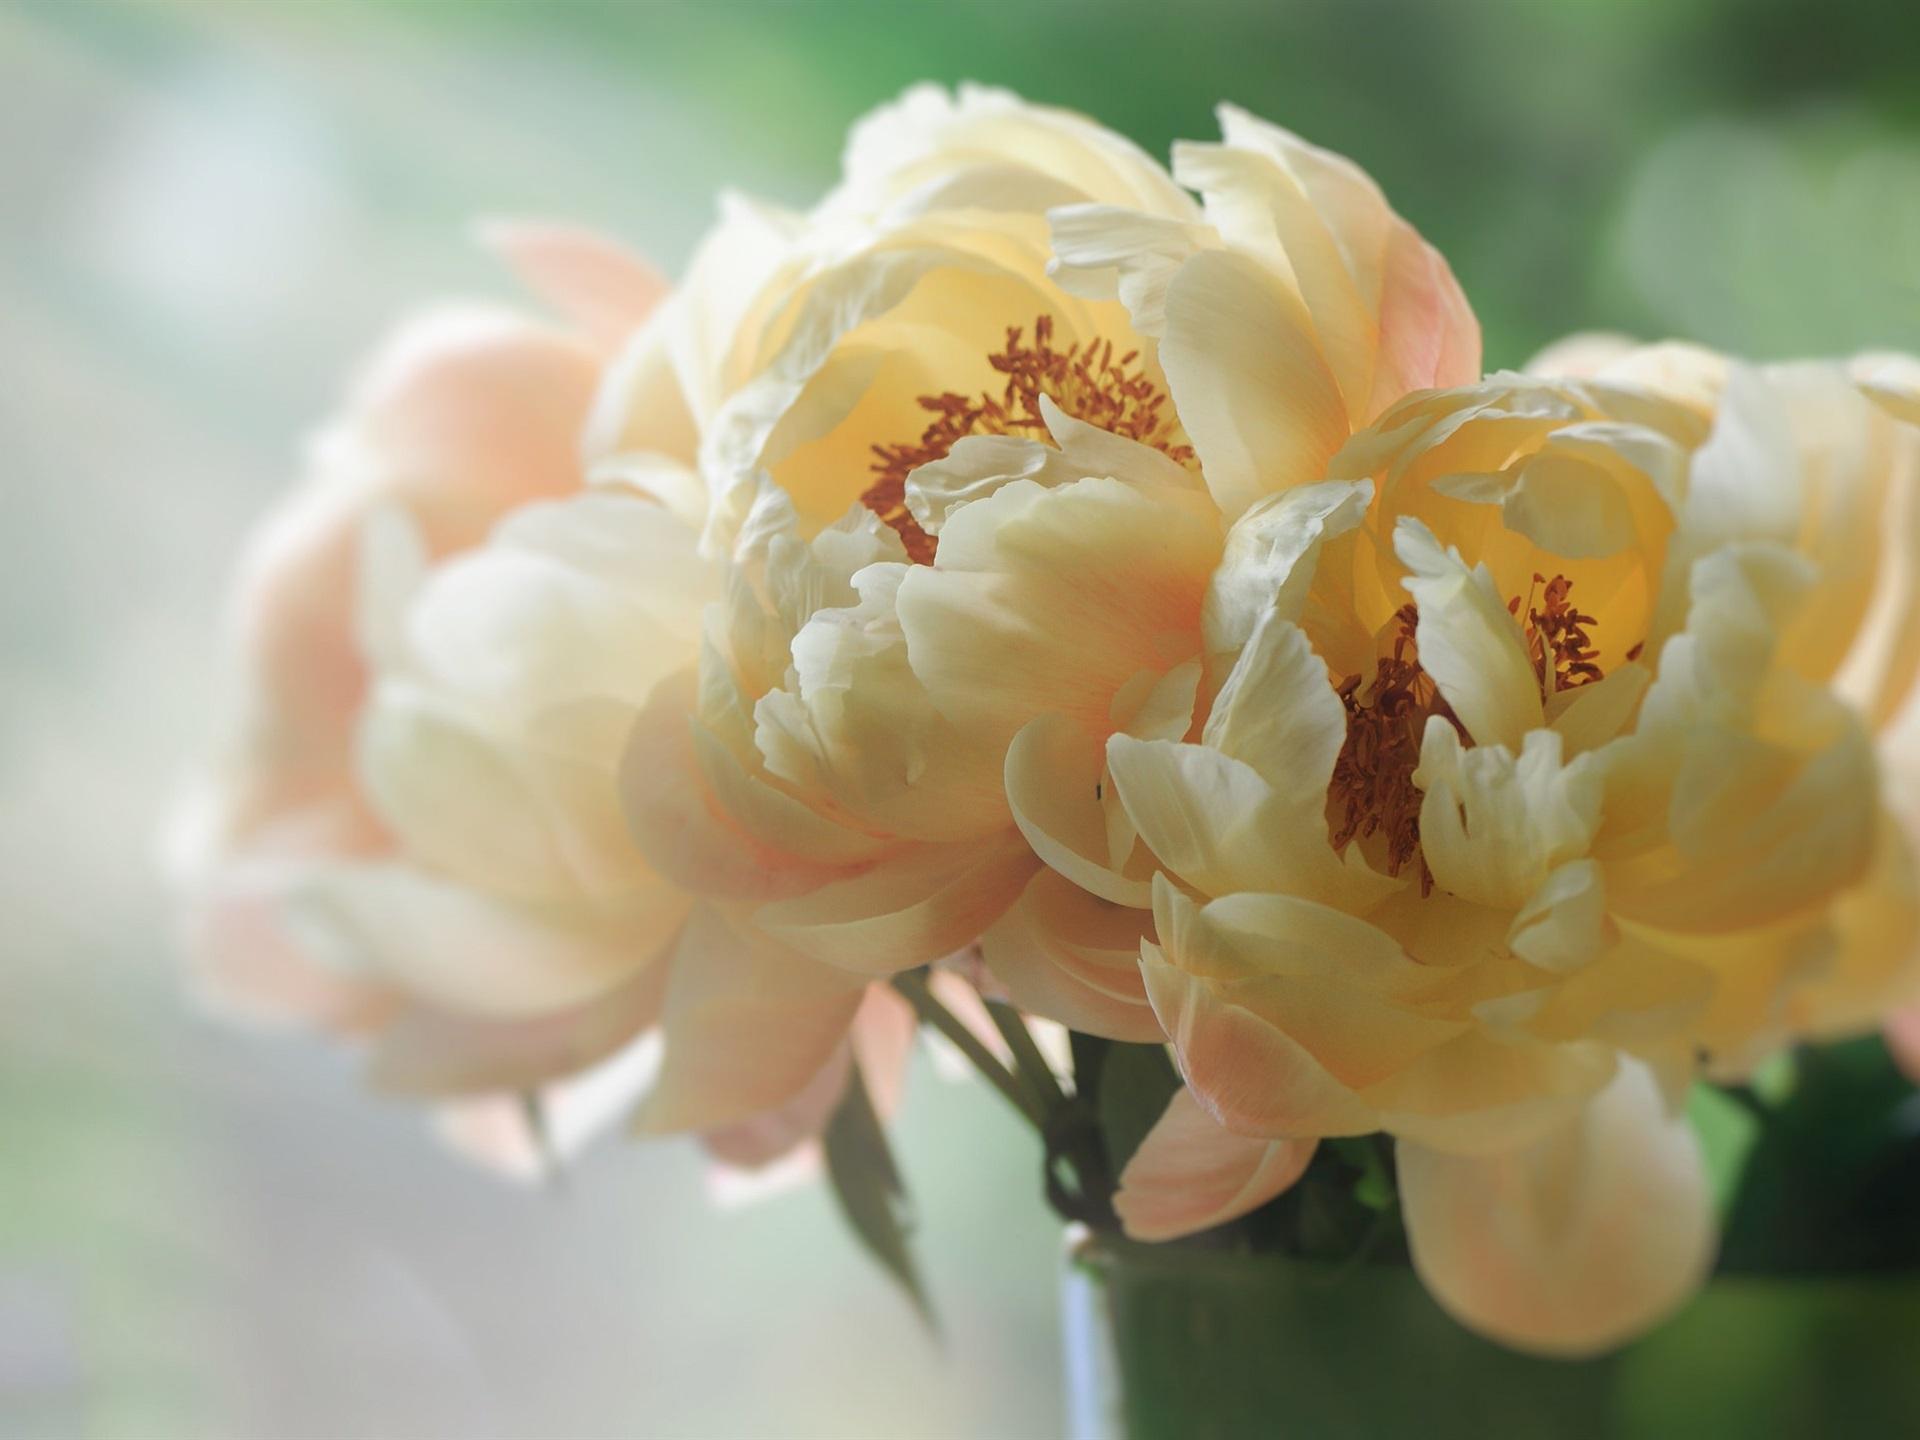 кувалдой, отпилили большие фотографии профессионалов цветов кадр красивого